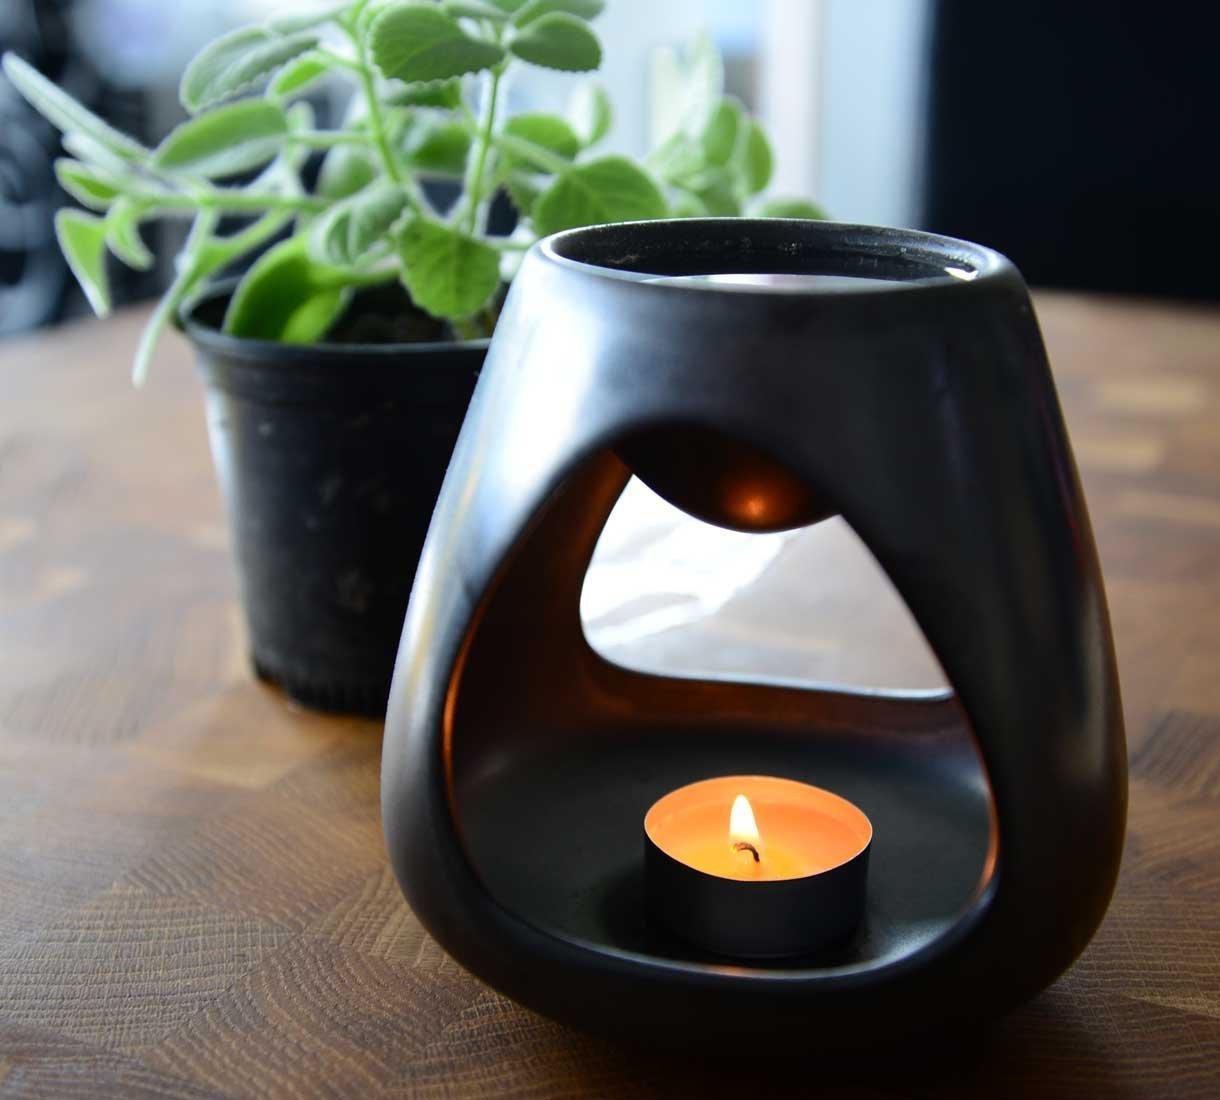 Zbytek odvaru rýmovníku můžete dát do aromalampy a nechat provonět celý byt